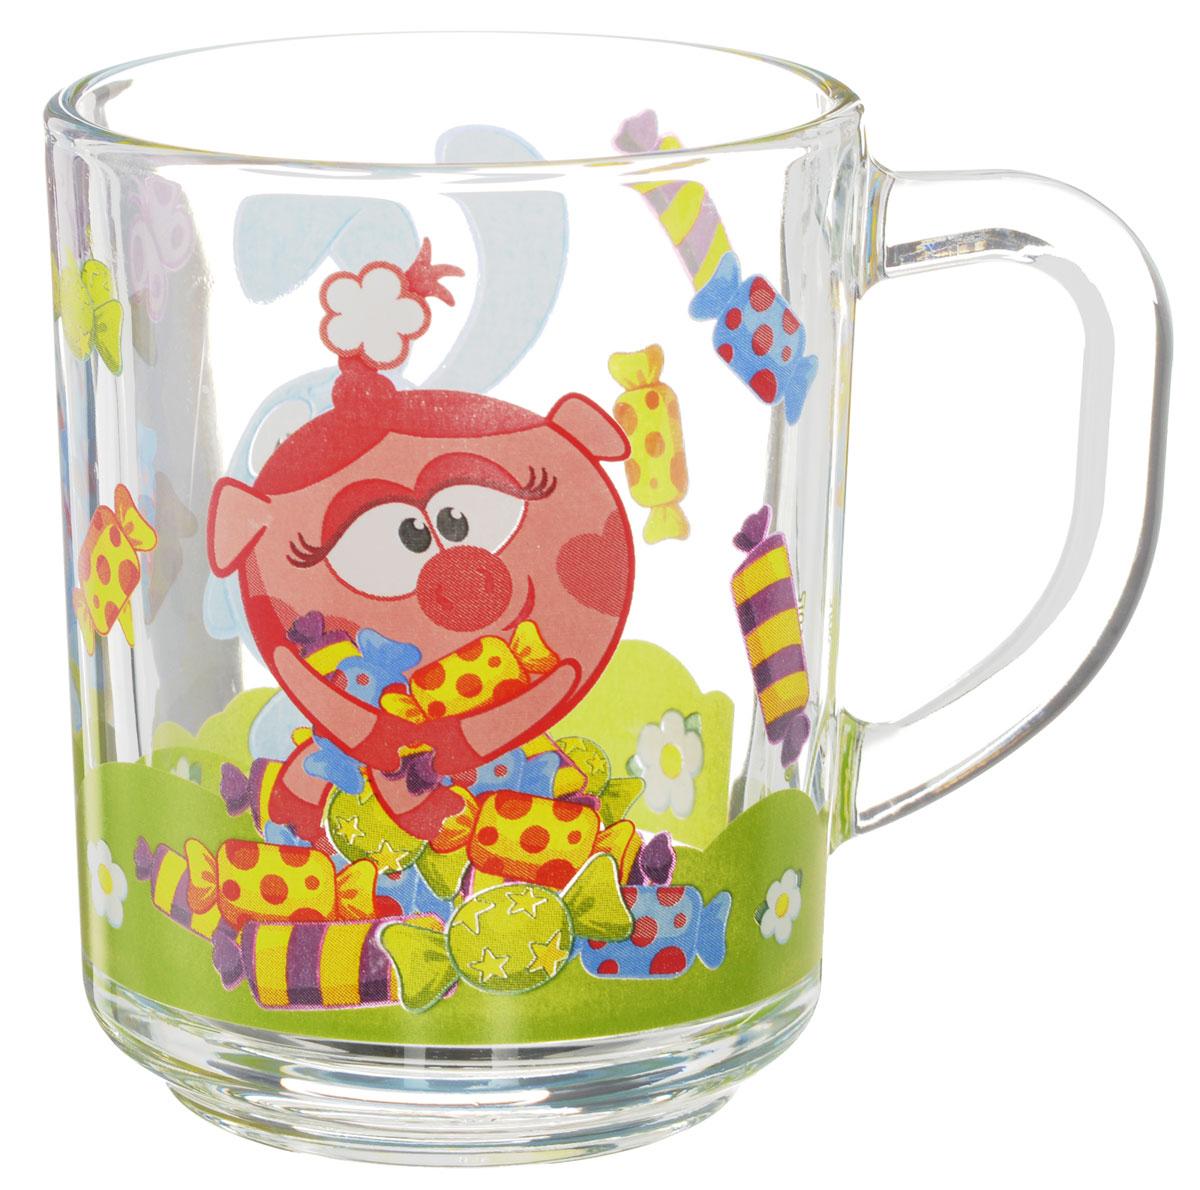 Смешарики Кружка детская Конфеты 250 млСШК250-1Детская кружка Смешарики Конфеты с любимыми героями станет отличным подарком для вашего ребенка. Она выполнена из стекла и оформлена изображением героев мультсериала Смешарики. Кружка дополнена удобной ручкой. Такой подарок станет не только приятным, но и практичным сувениром: кружка будет незаменимым атрибутом чаепития, а оригинальное оформление кружки добавит ярких эмоций и хорошего настроения.Можно мыть в посудомоечной машине.